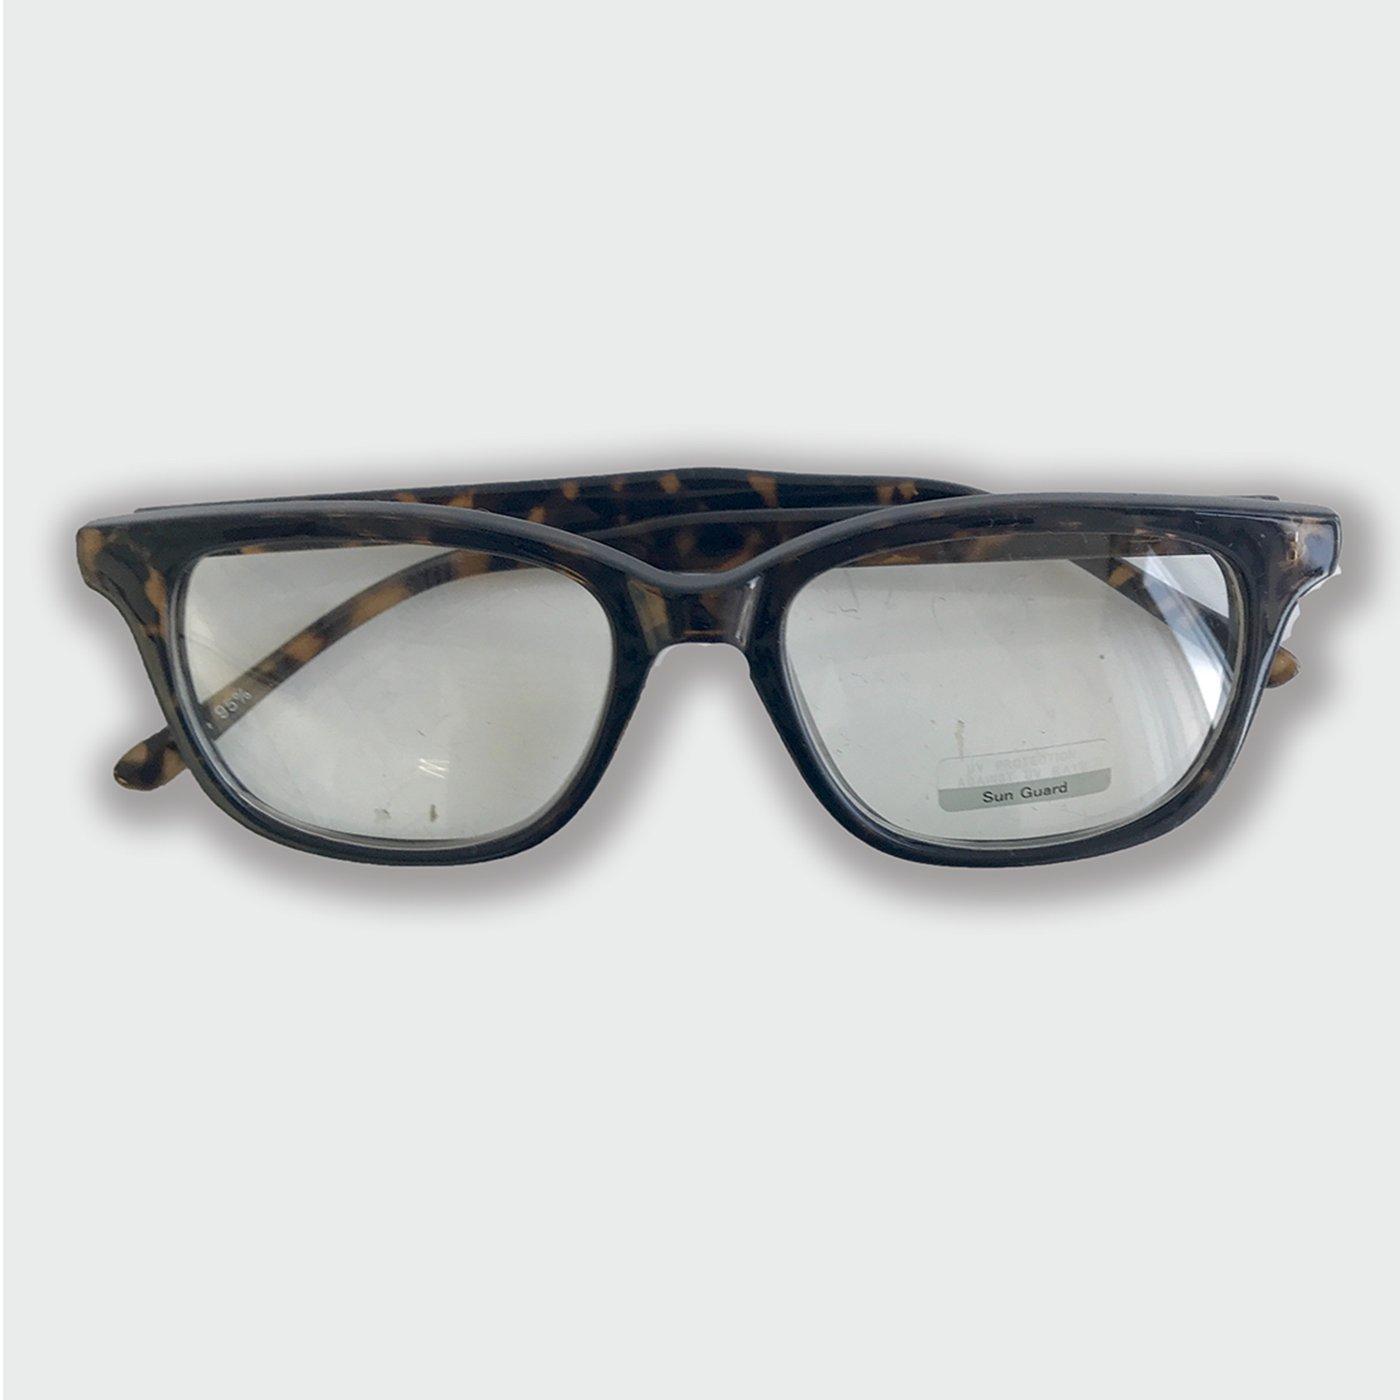 IEDIT[イディット] SELECT べっこう調フレームのクリアファッション用グラス 〈デミ〉82317